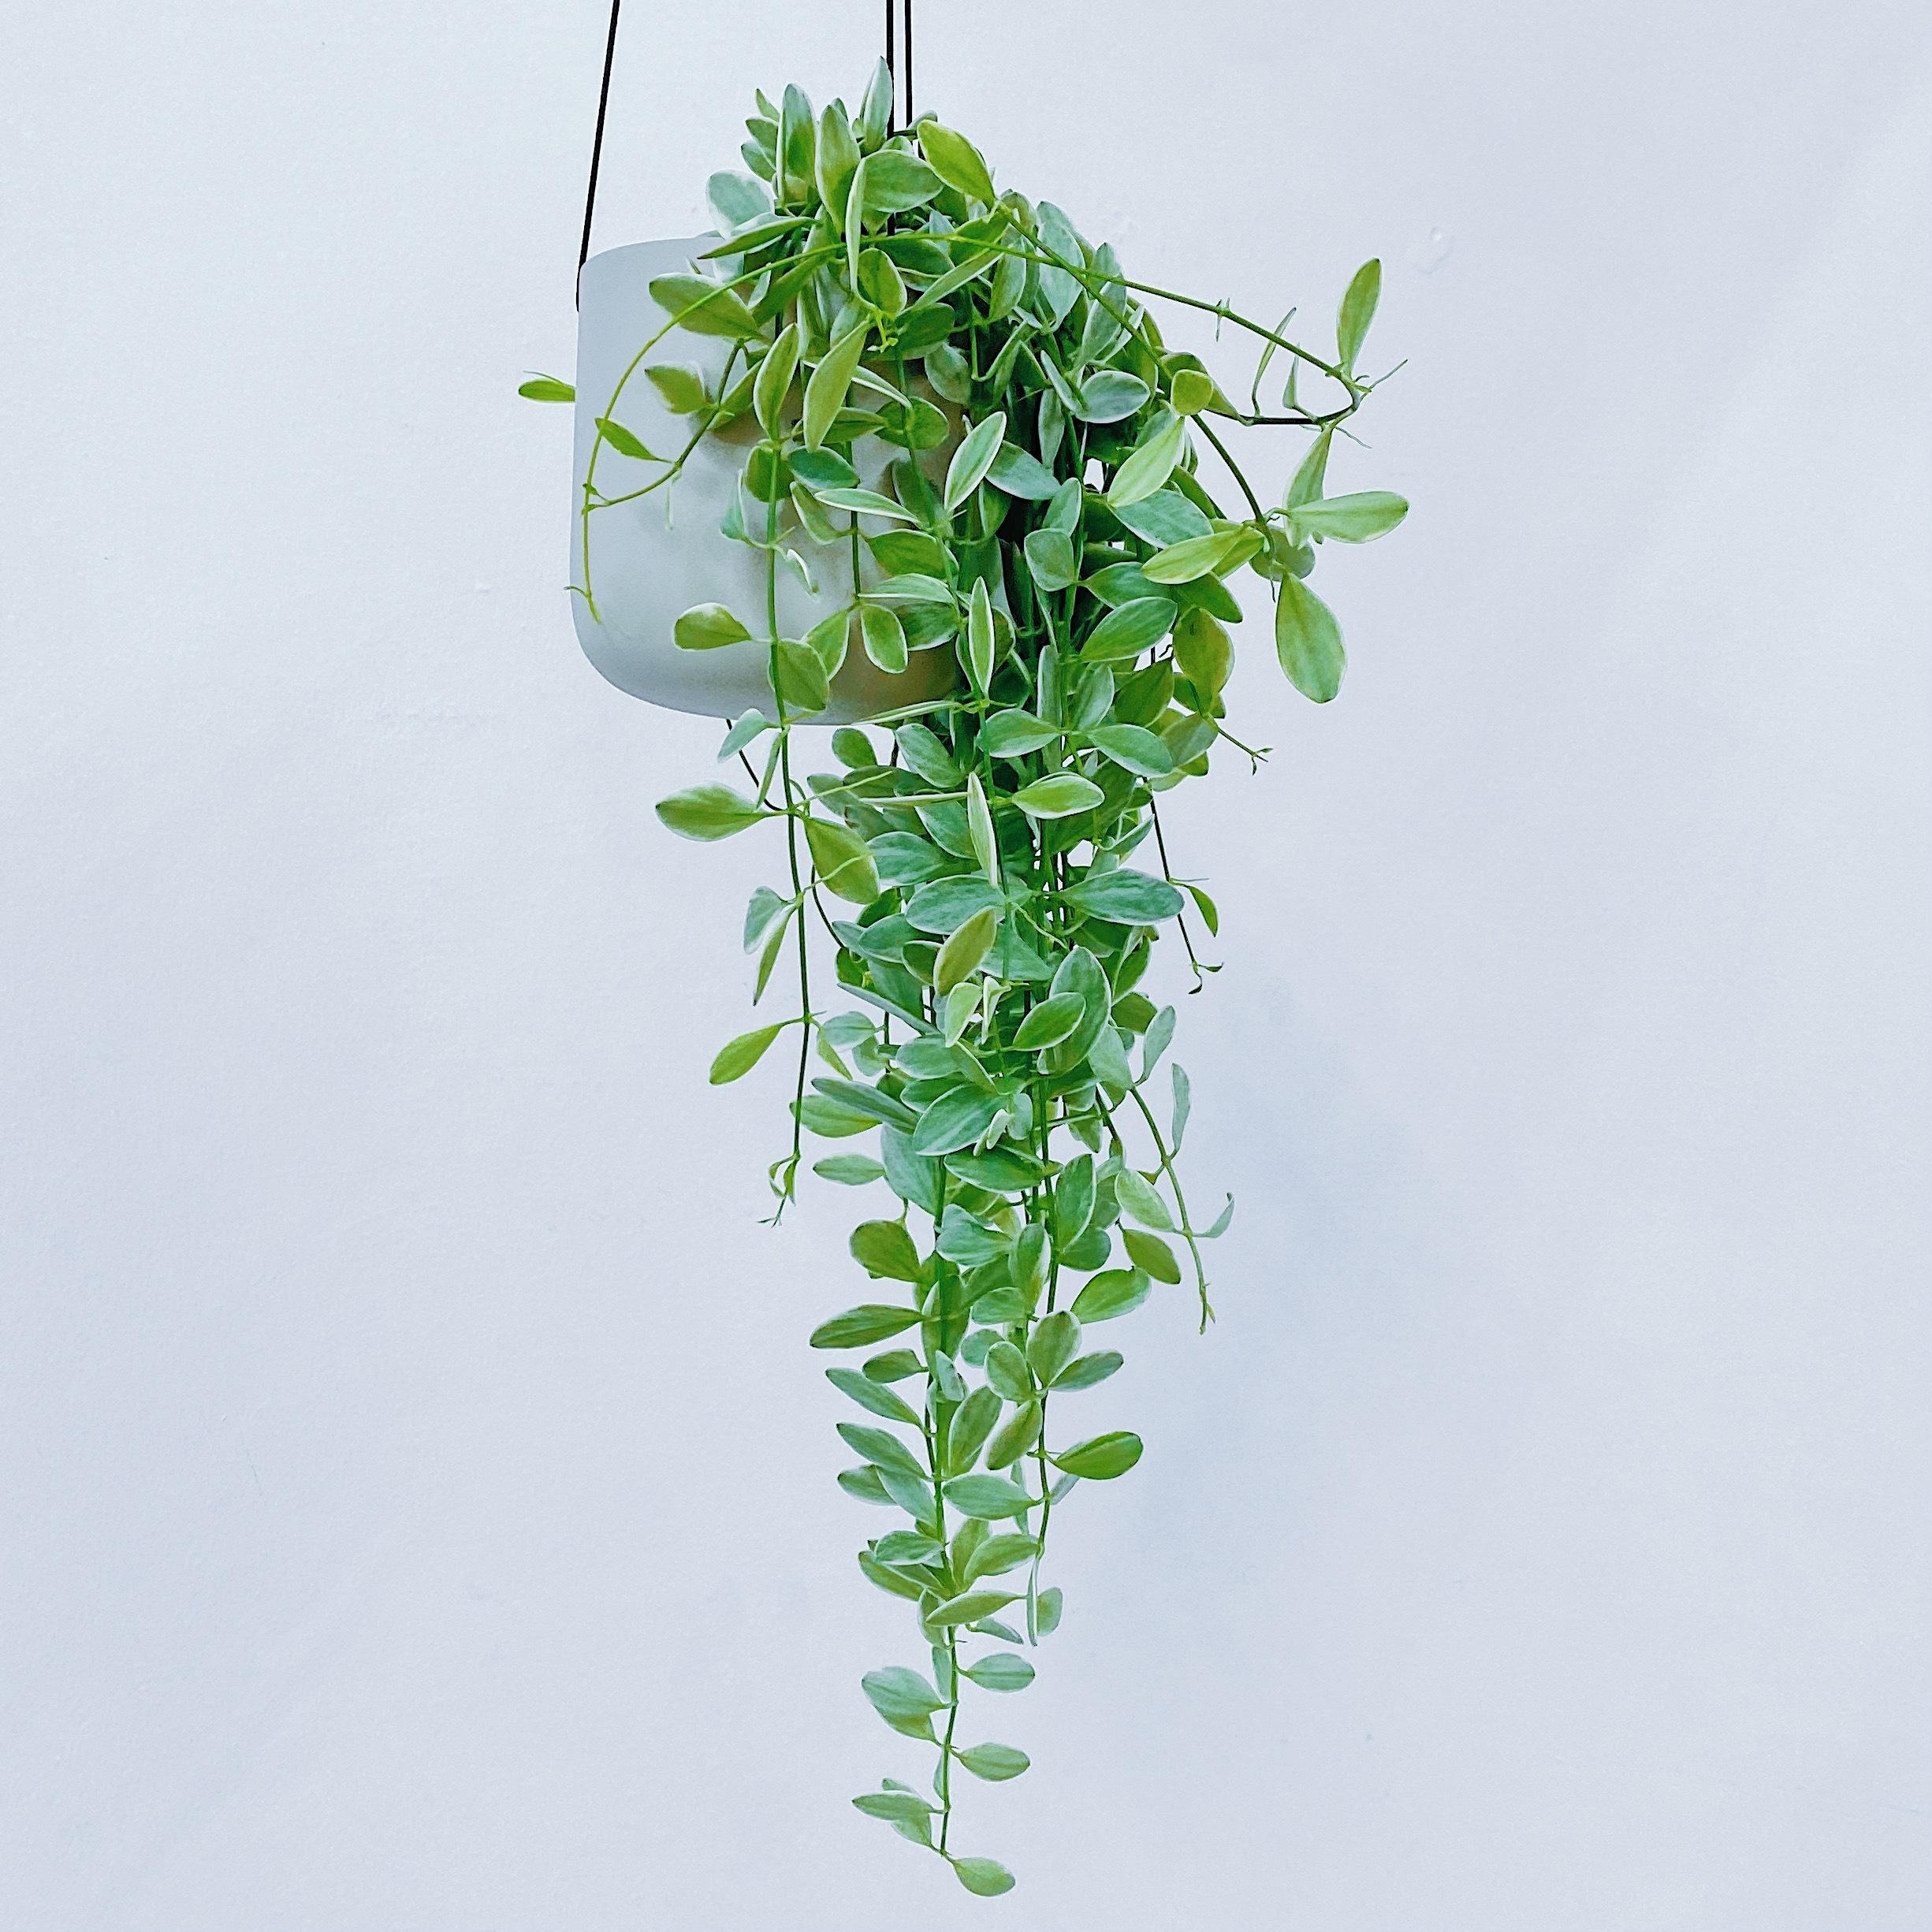 宝石色の葉を楽しむ / ディスキディア・エメラルド